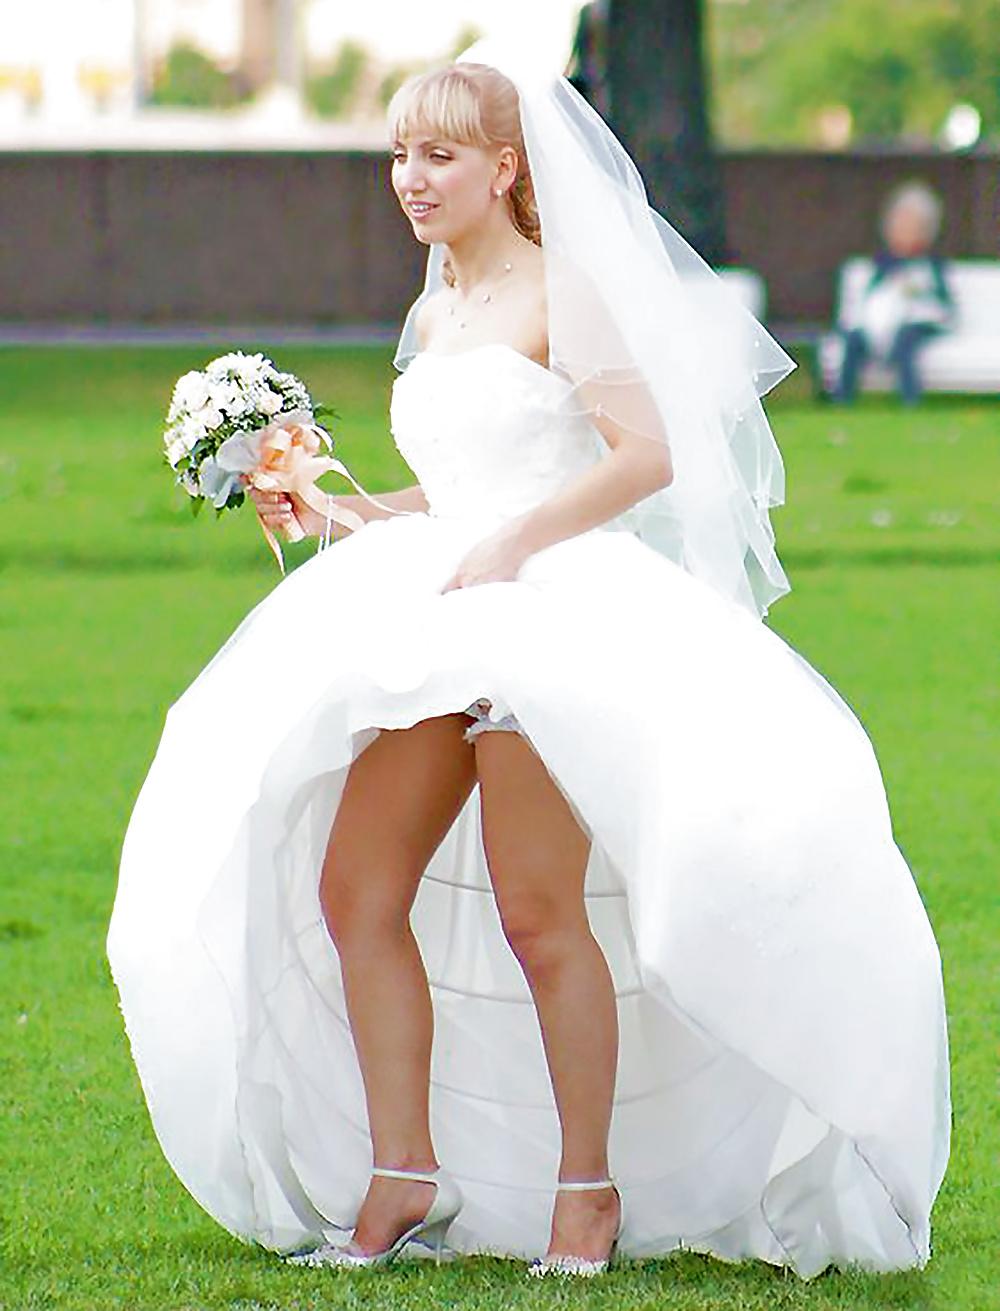 рука под юбкой у невесты